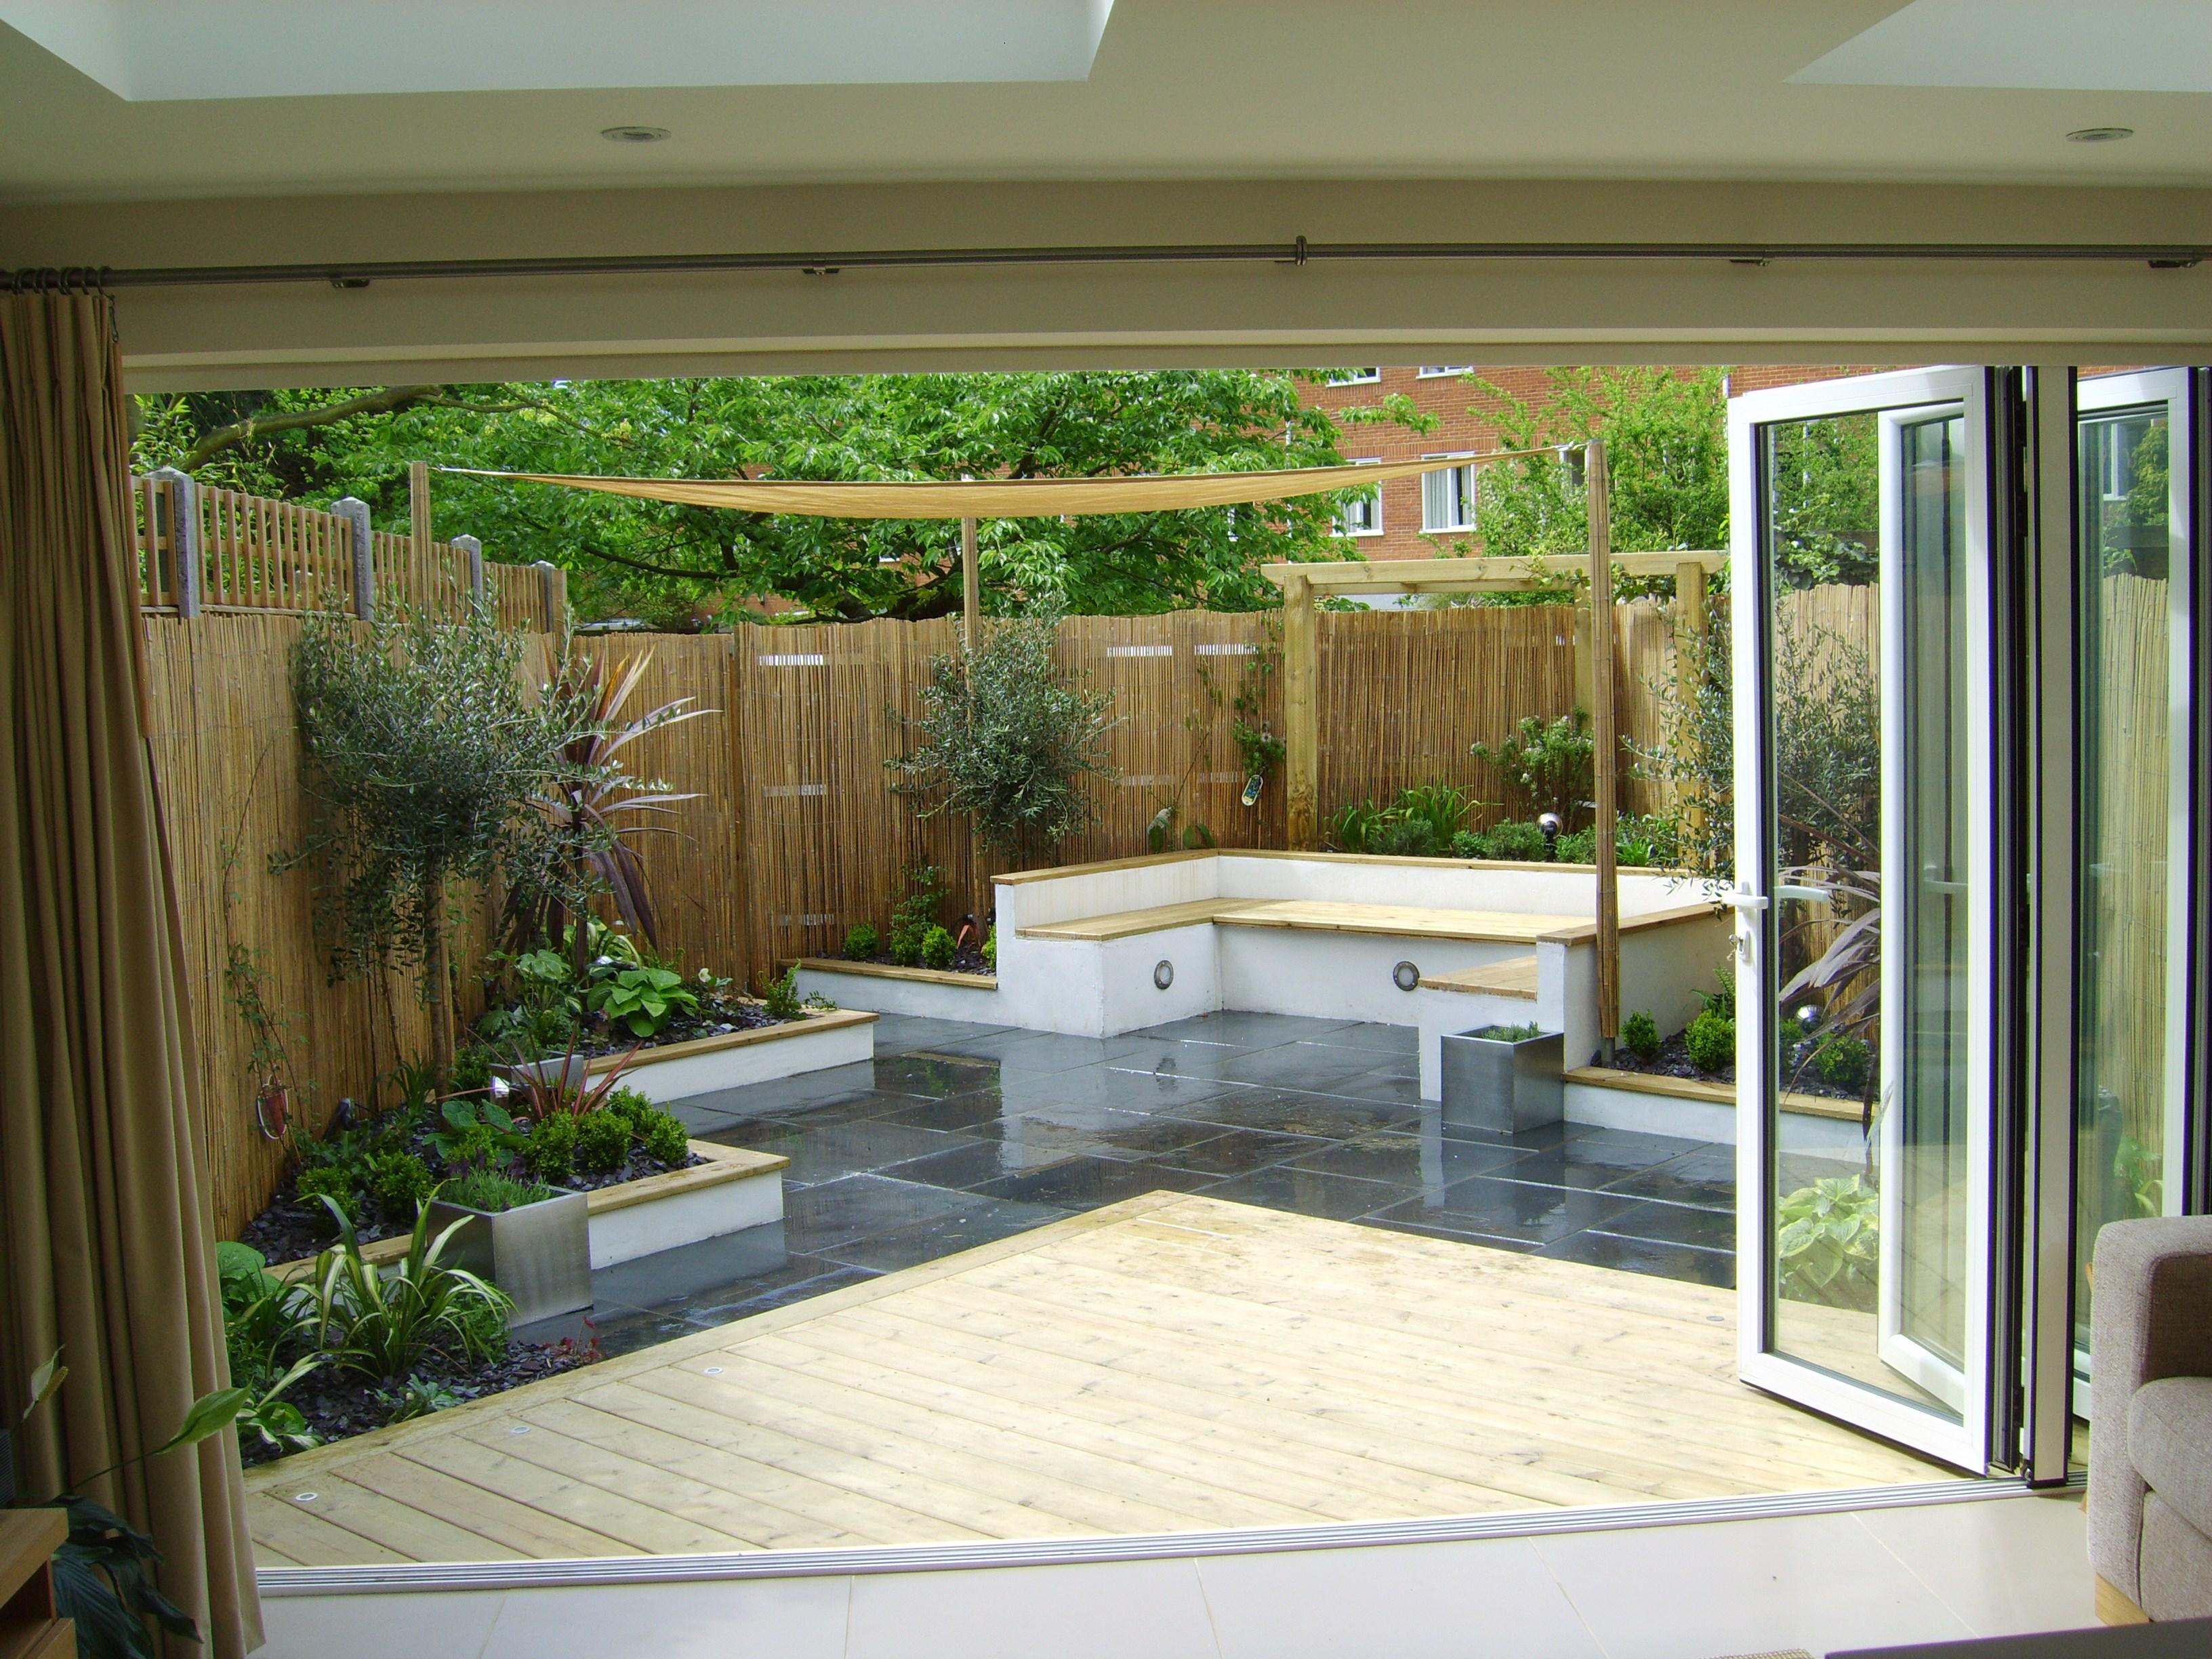 Garden Room | Floral & Hardy | London | UK on Open Backyard Ideas id=93549